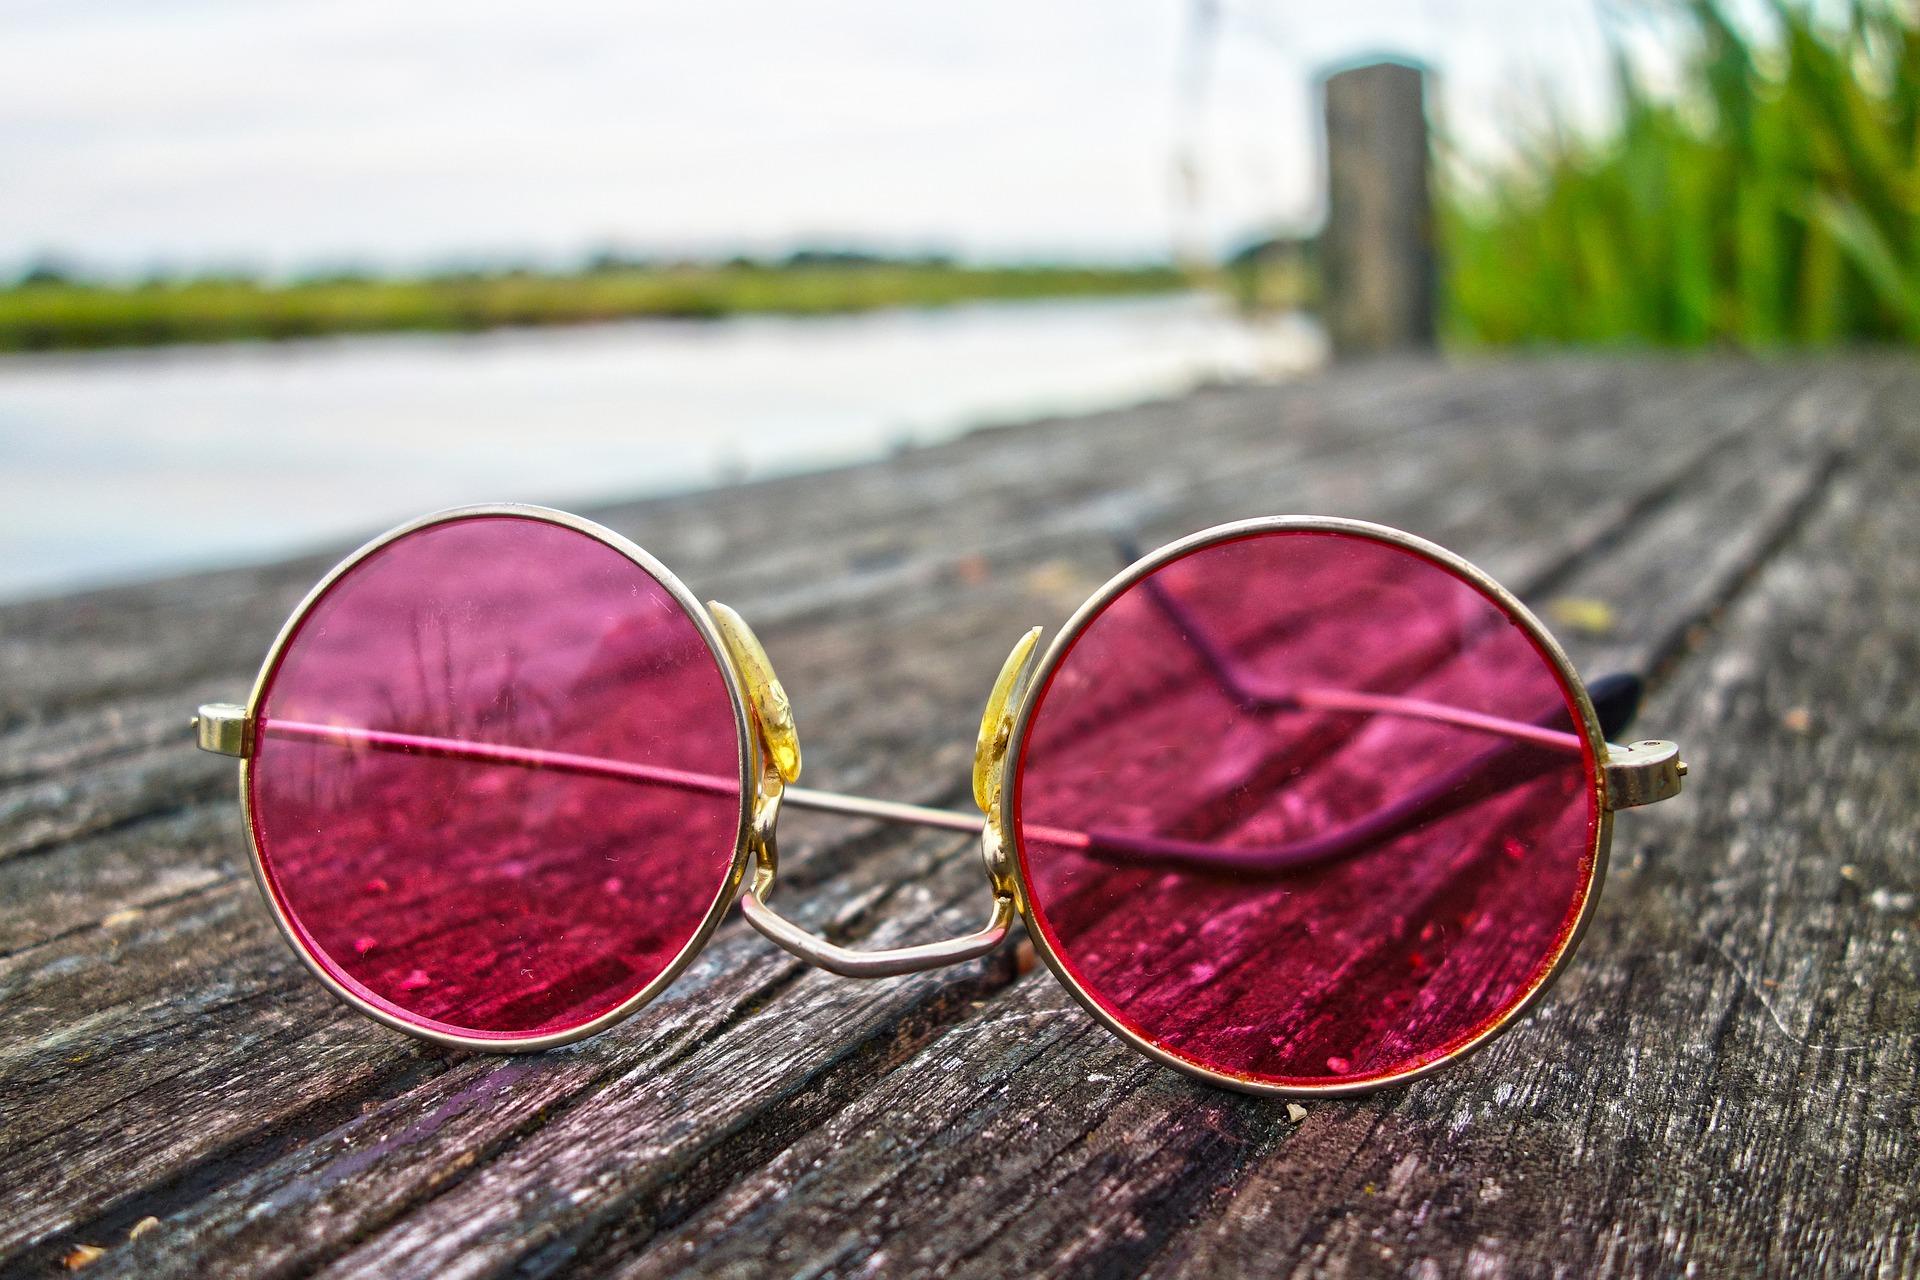 Illusion Rose Colored Glasses 3002608 1920